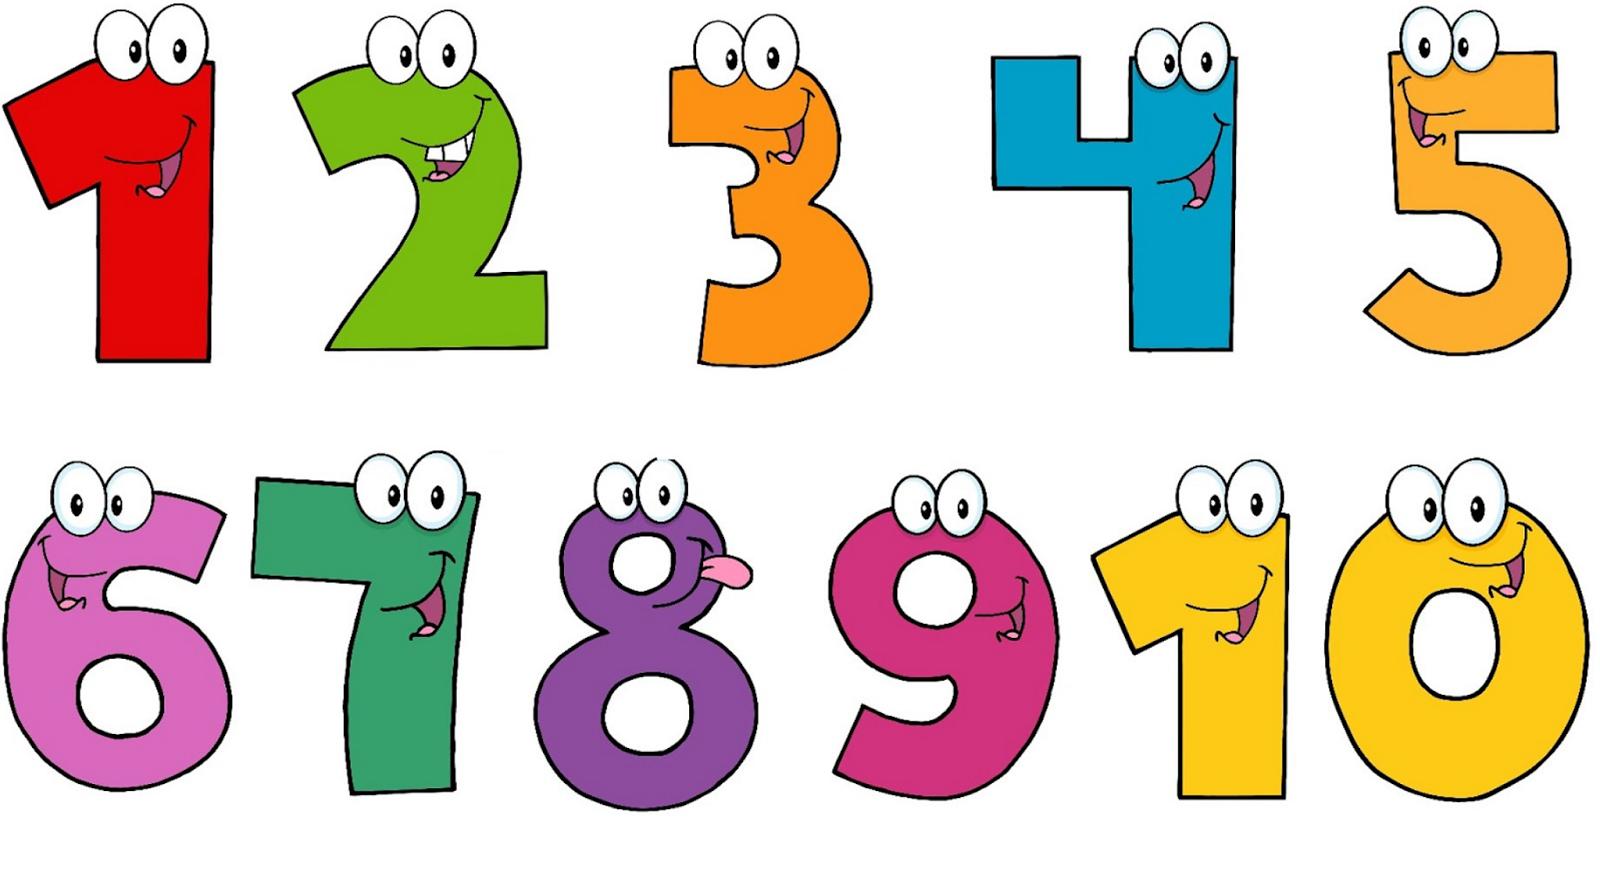 Bé cần học thuộc dãy số từ 1 đến 10 và đọc theo chiều xuôi - ngược